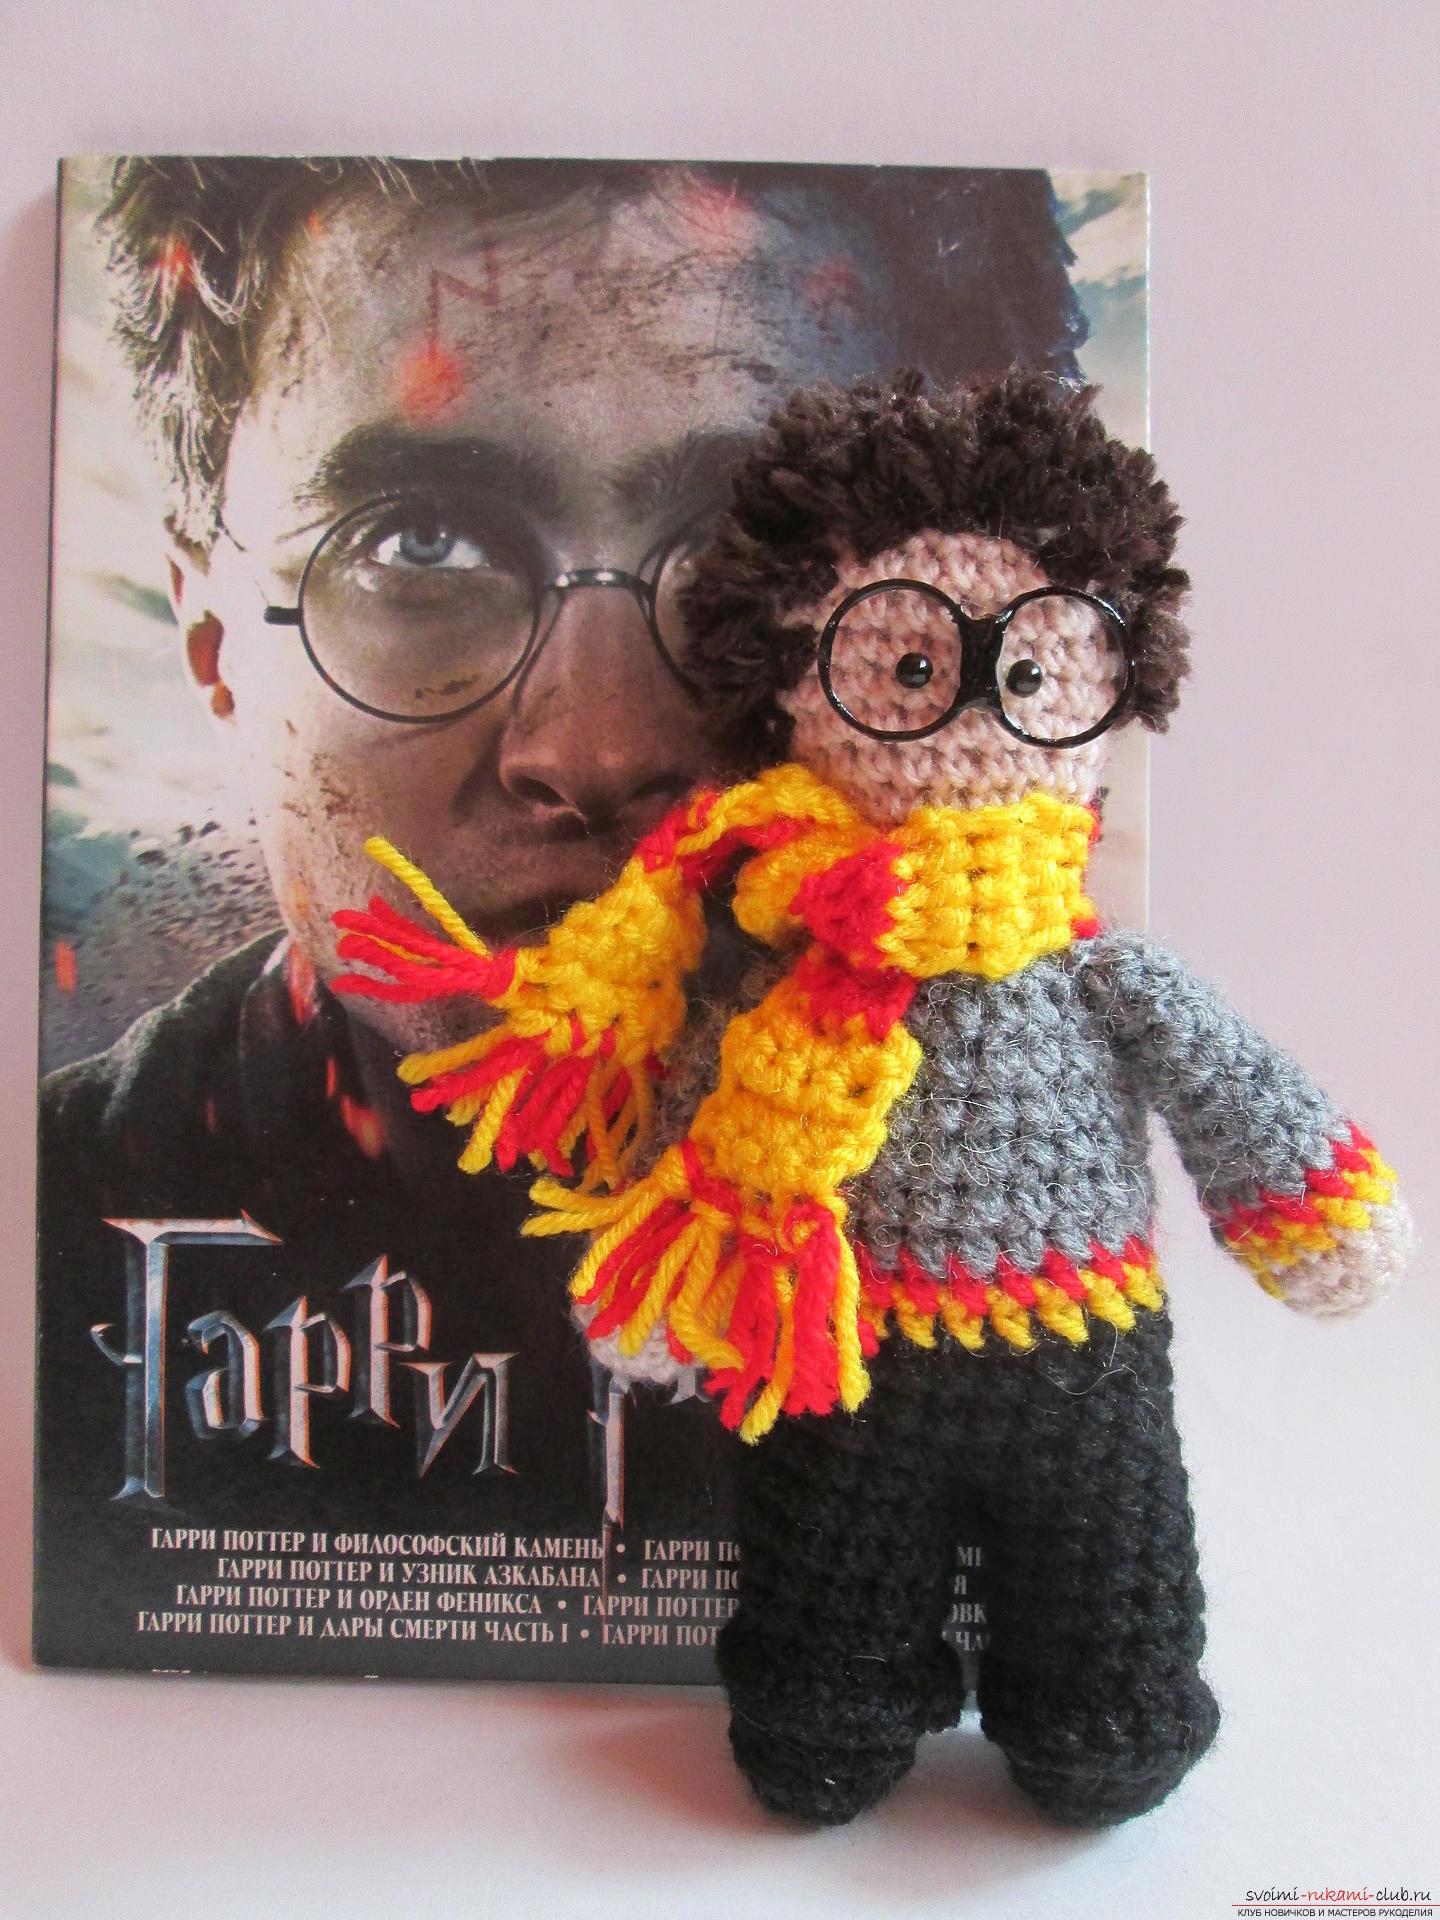 Подробный мастер-класс по вязанию крючком научит как делается Гарри Поттер своими руками.. Фото №13